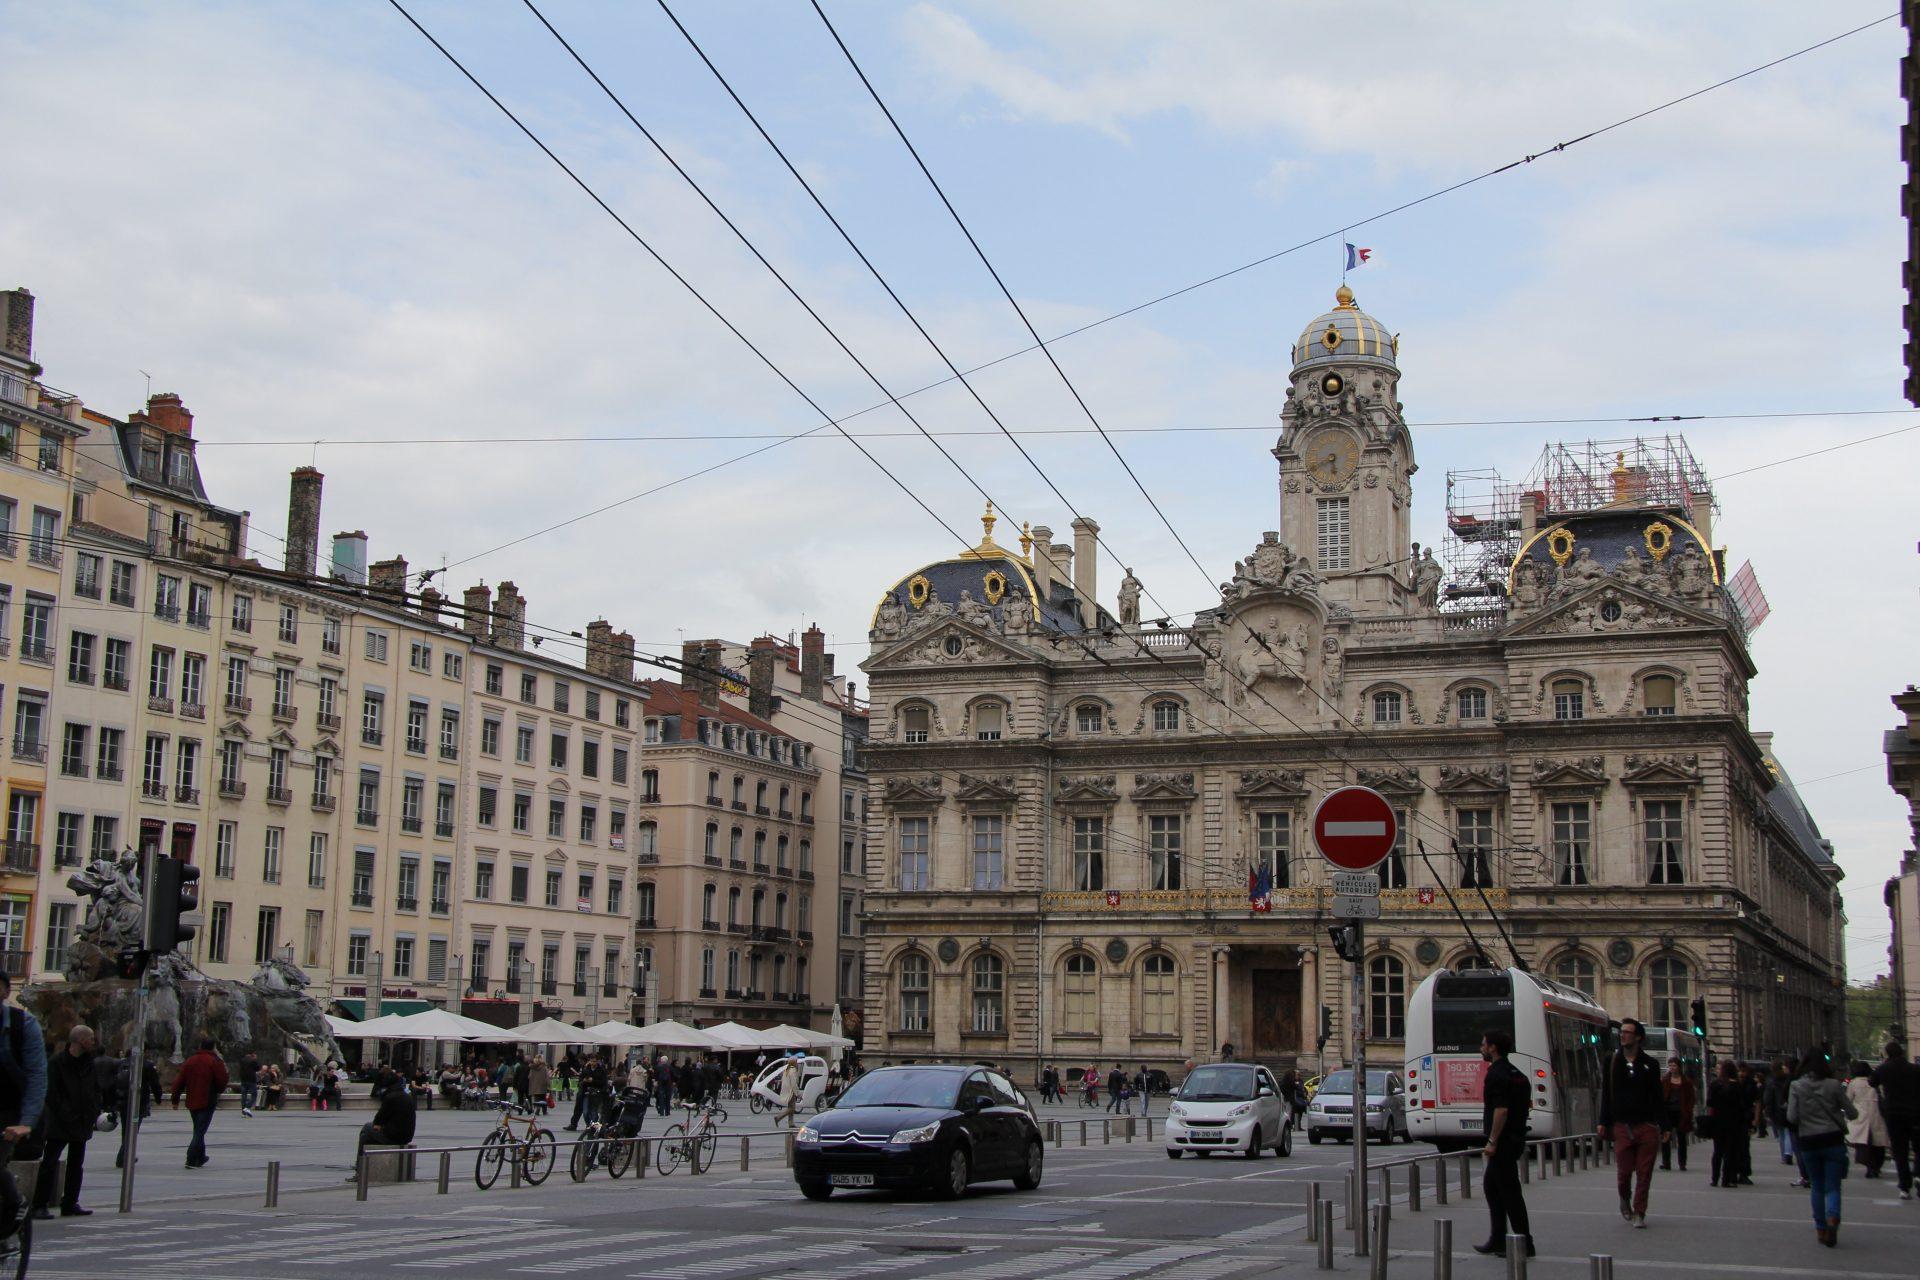 Отель-де-виль, Лион, Франция. Май, 2013